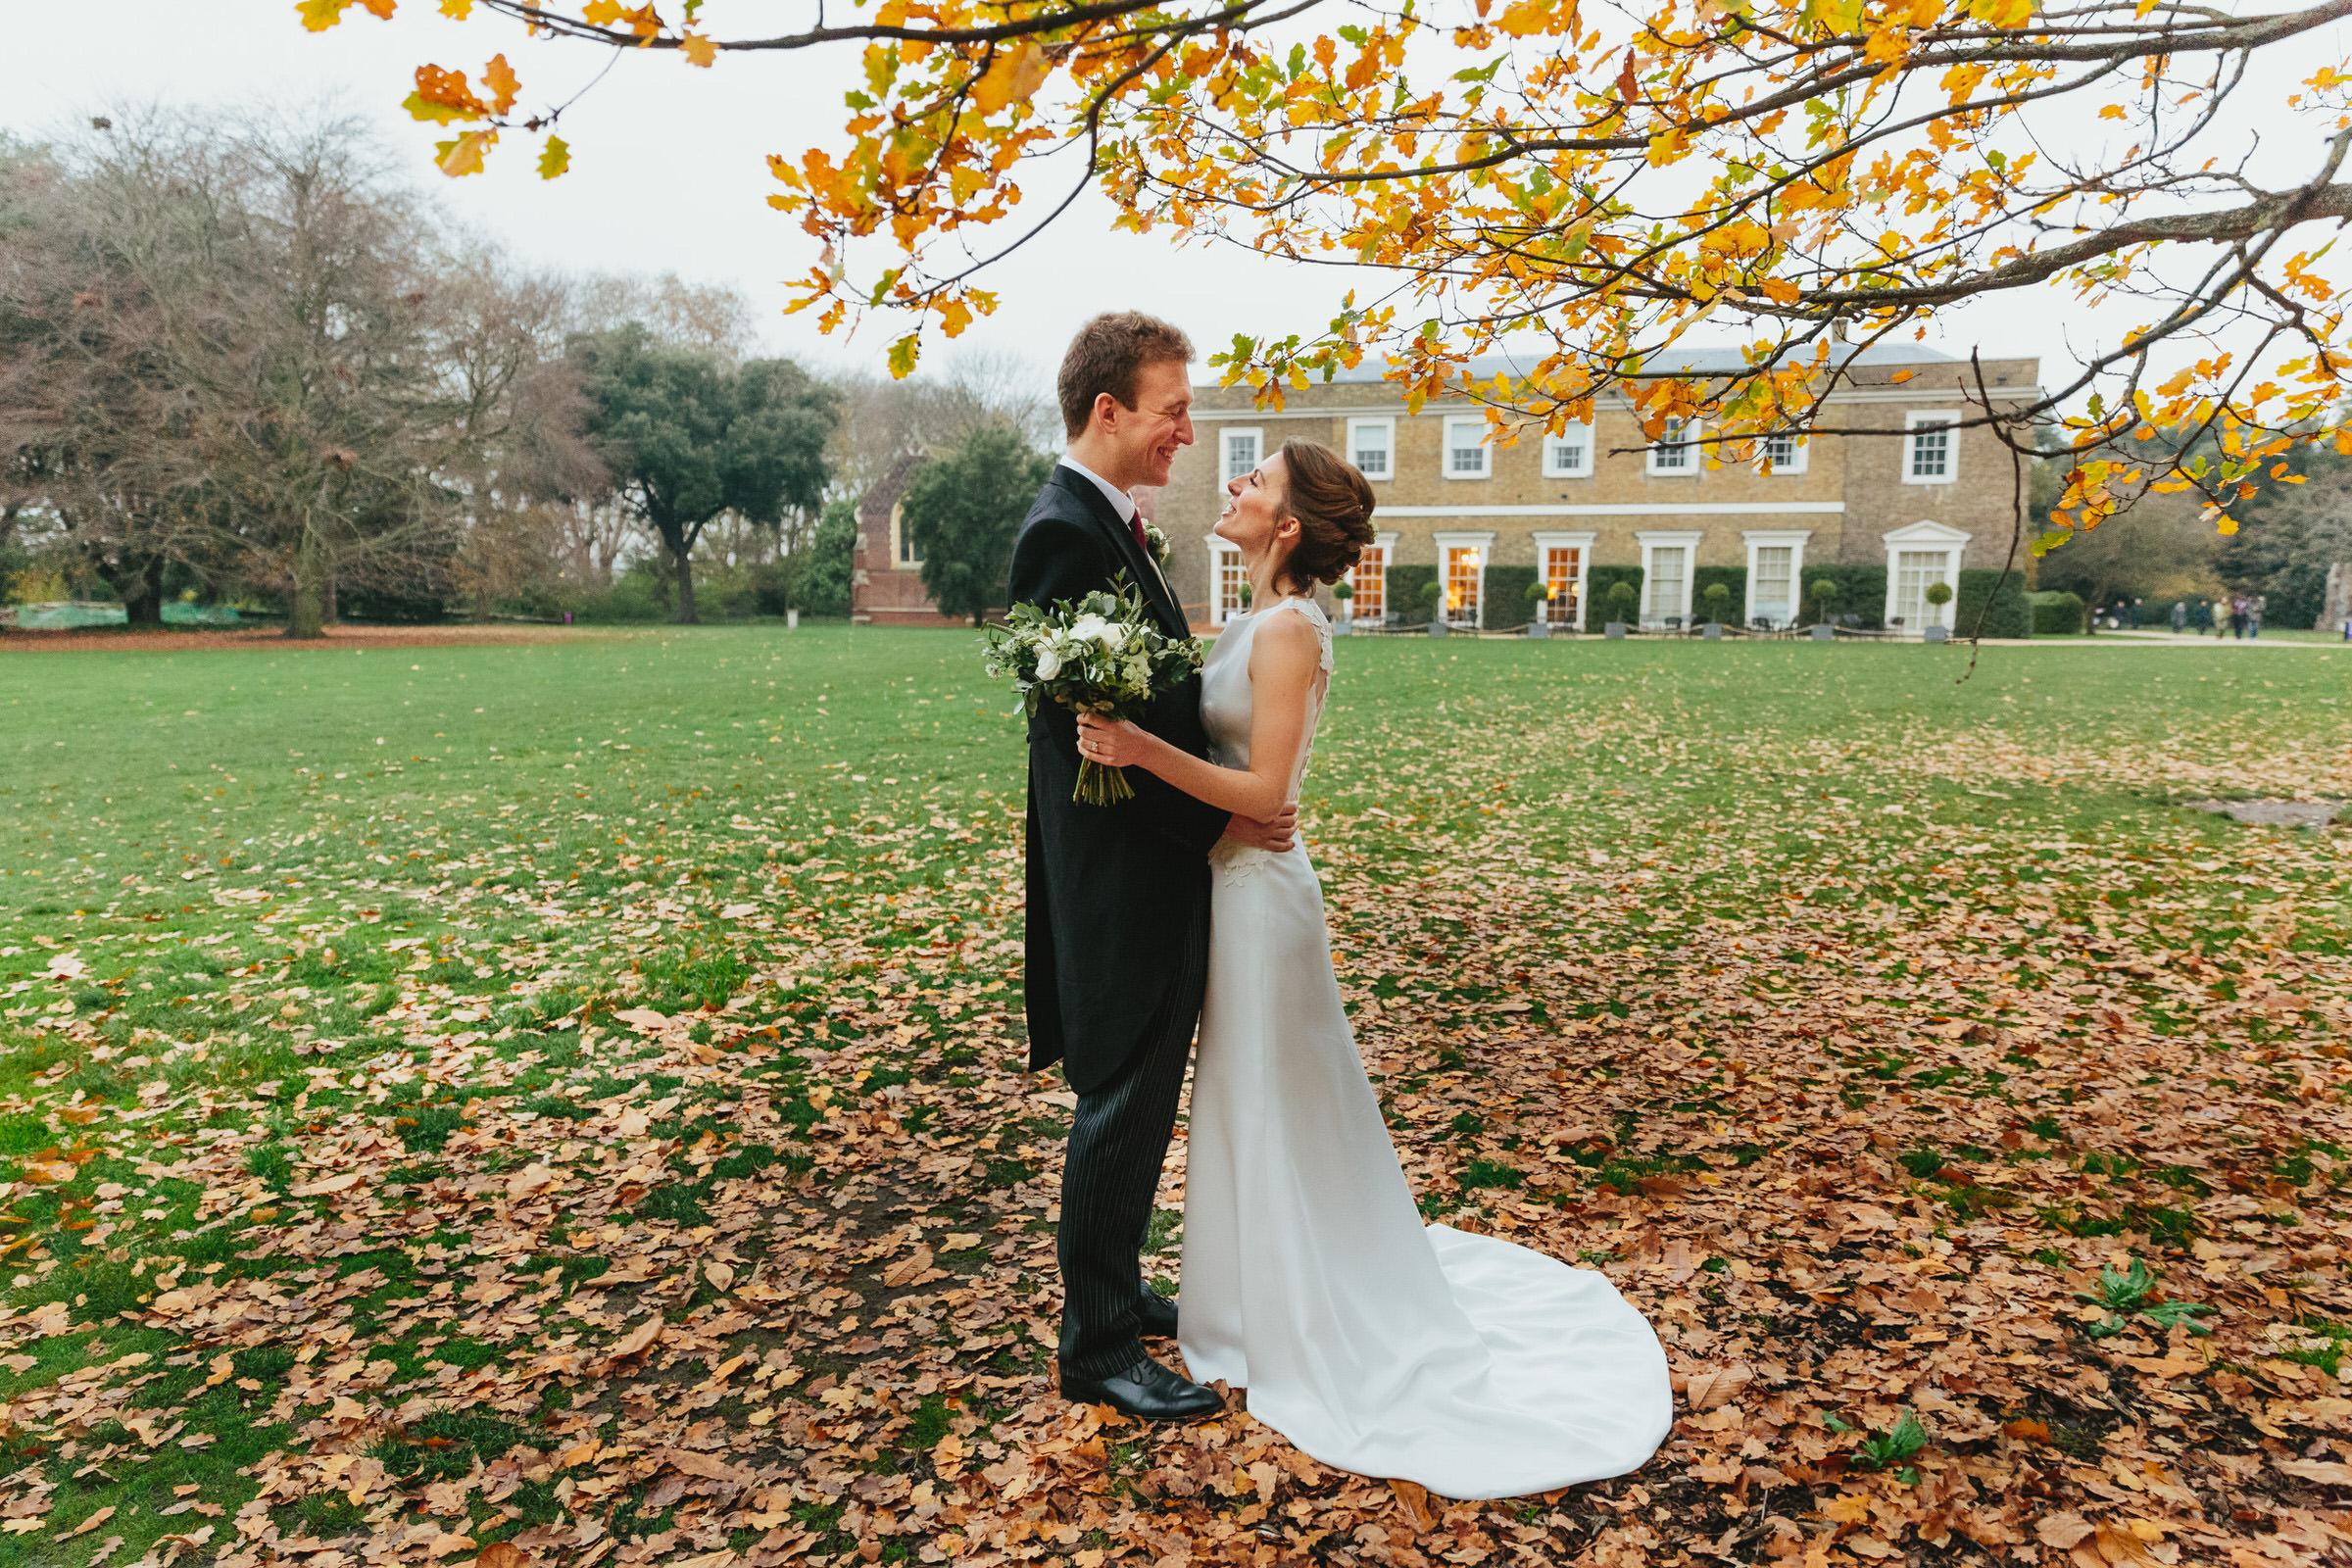 Fulham Palace autumn wedding